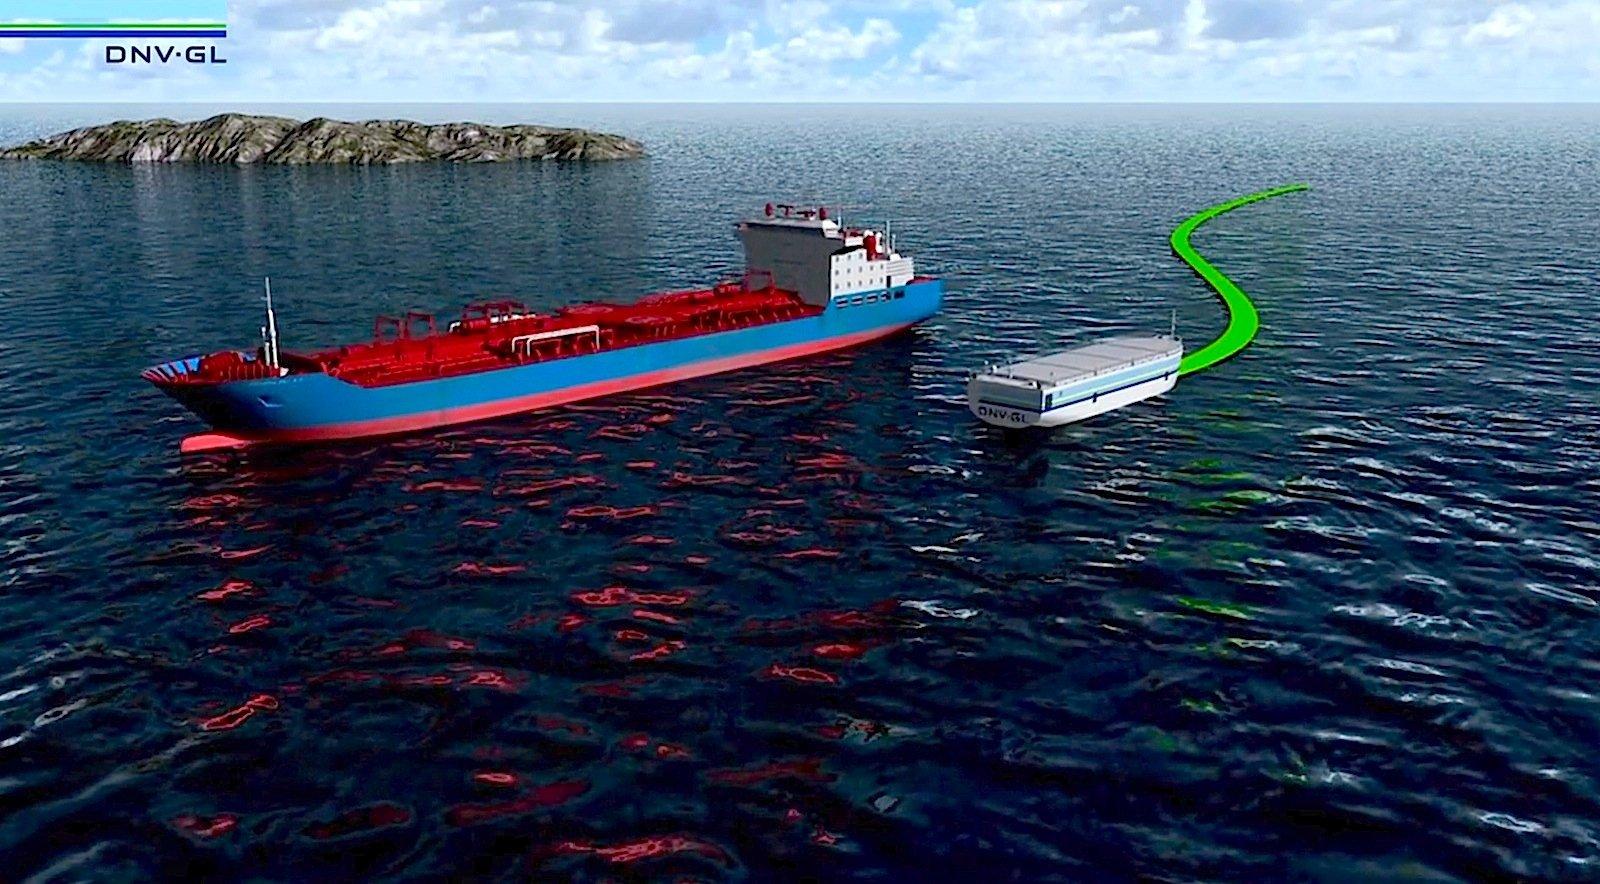 Klein, aber fein: Die ReVolt ist mit einer Breite von 14,5 Metern und einer Länge von 60 Metern ein recht kleines Schiff. Es kann nur 100 Standardcontainer tragen.